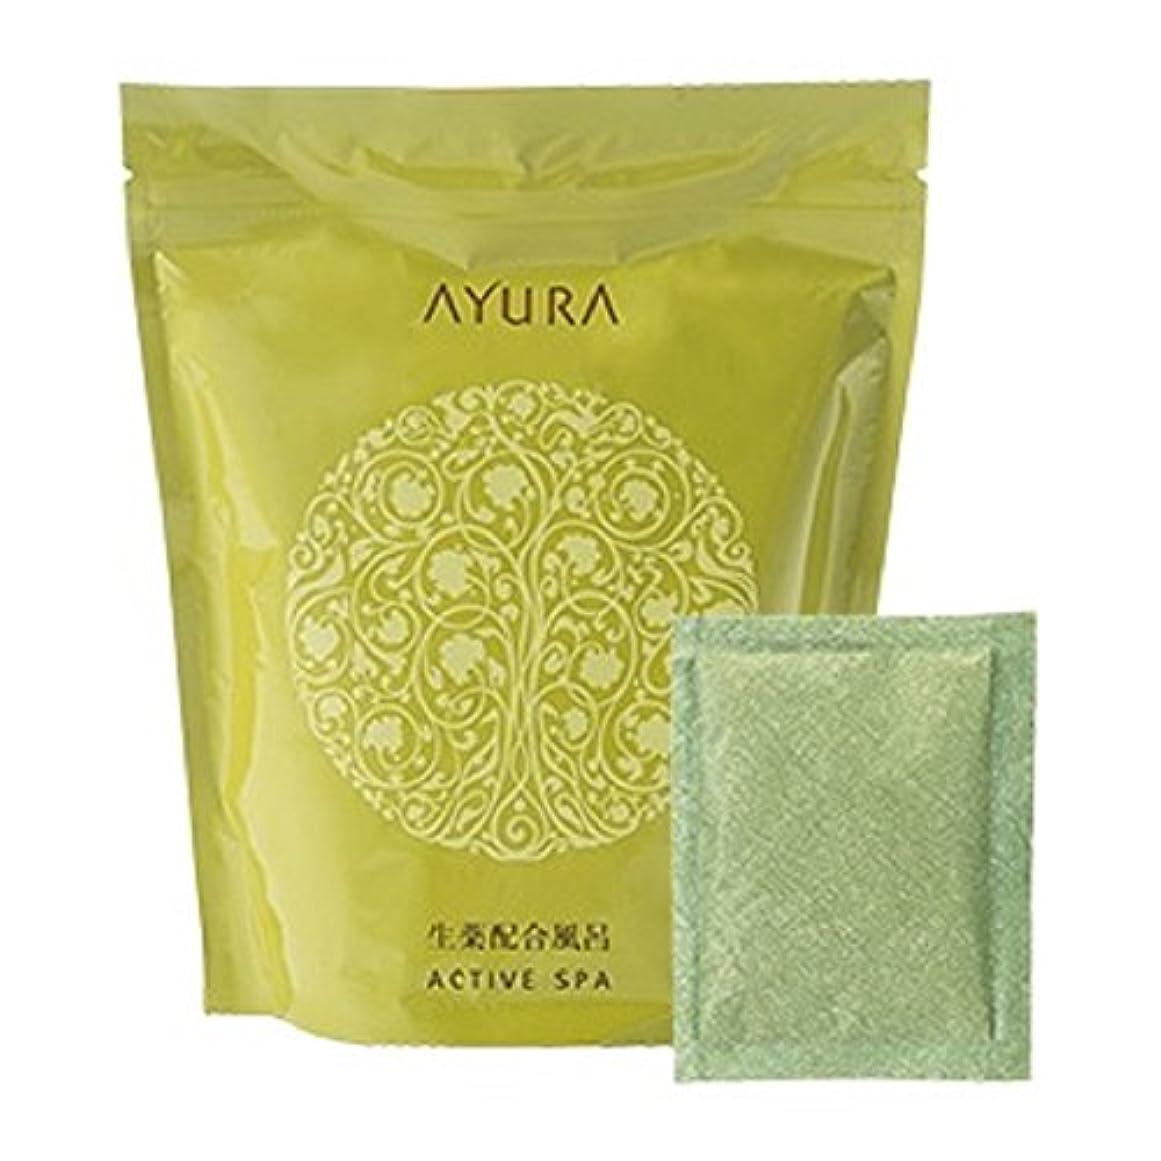 旅行者アフリカ人振る舞うアユーラ (AYURA) アクティブスパα 30g 10包入 (医薬部外品) 〈薬用 入浴剤〉